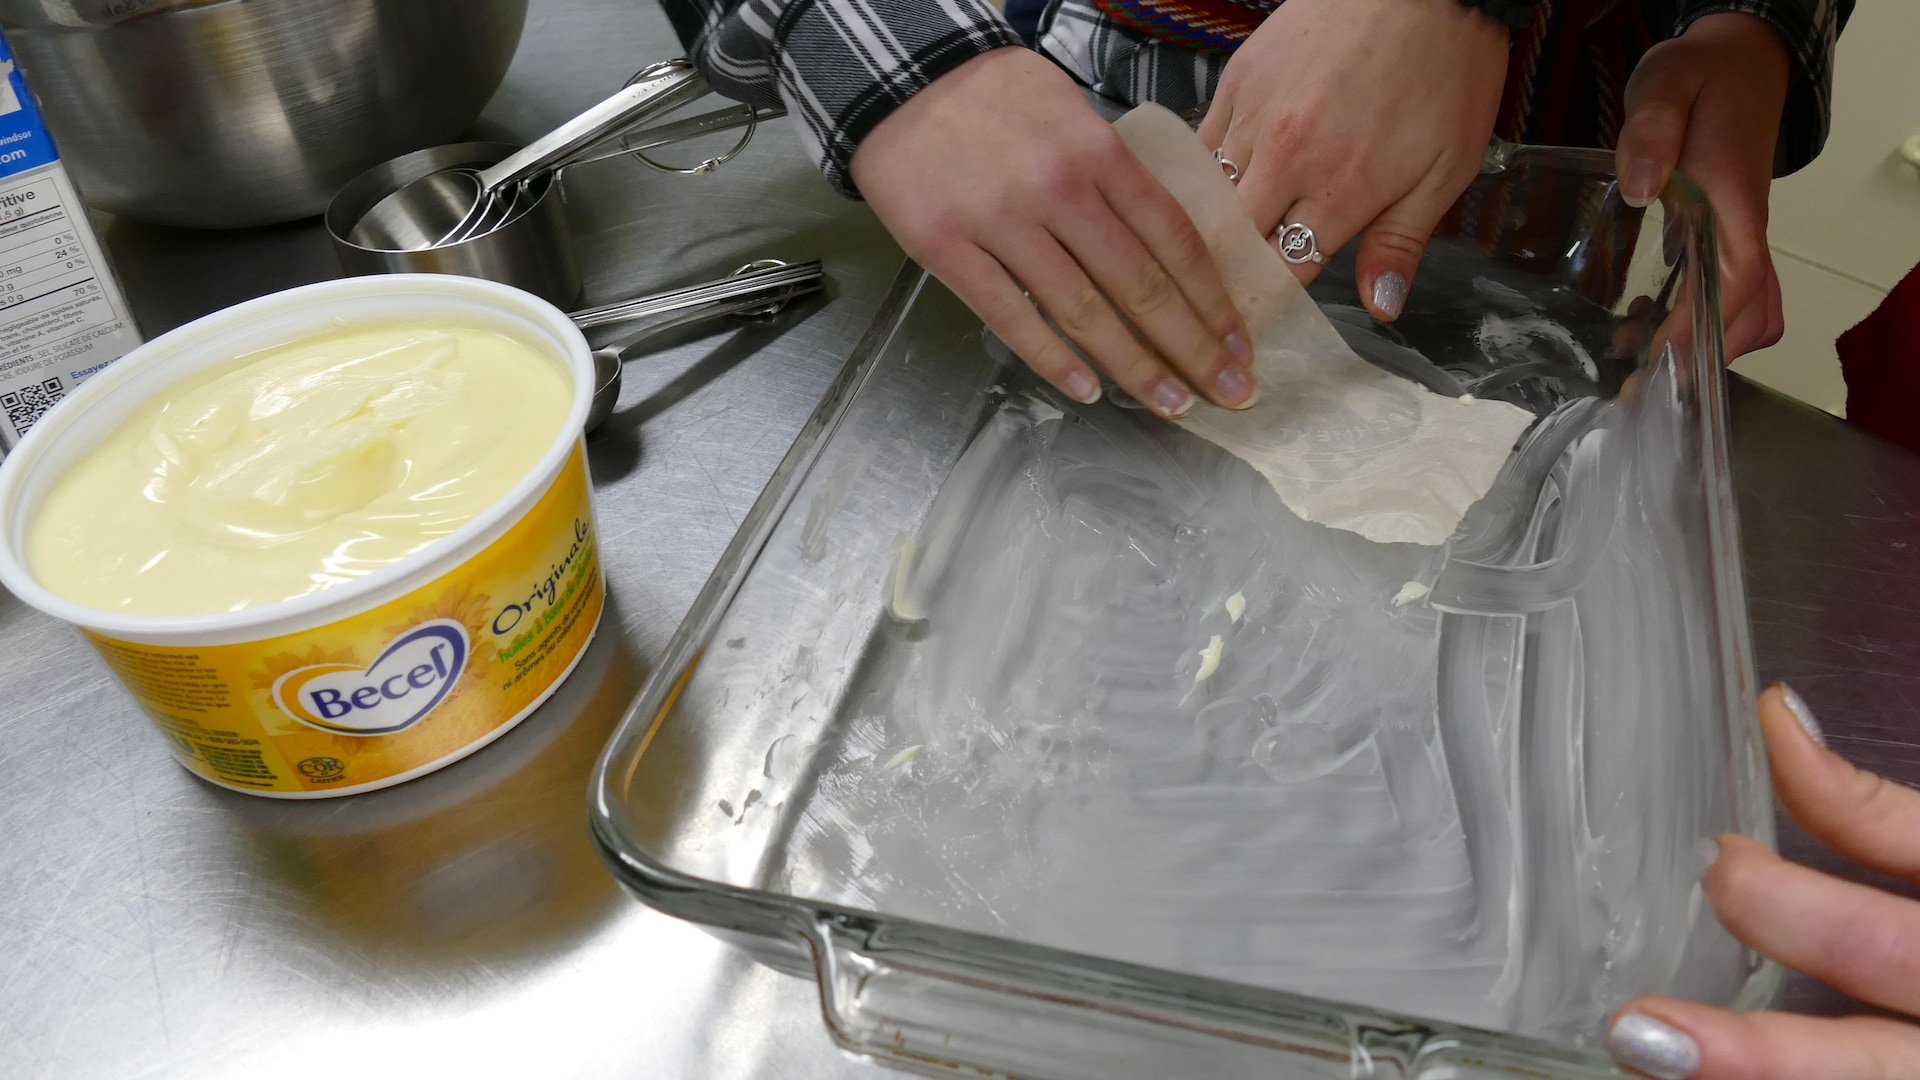 Trois mains beurrent le moule pour les brioches.